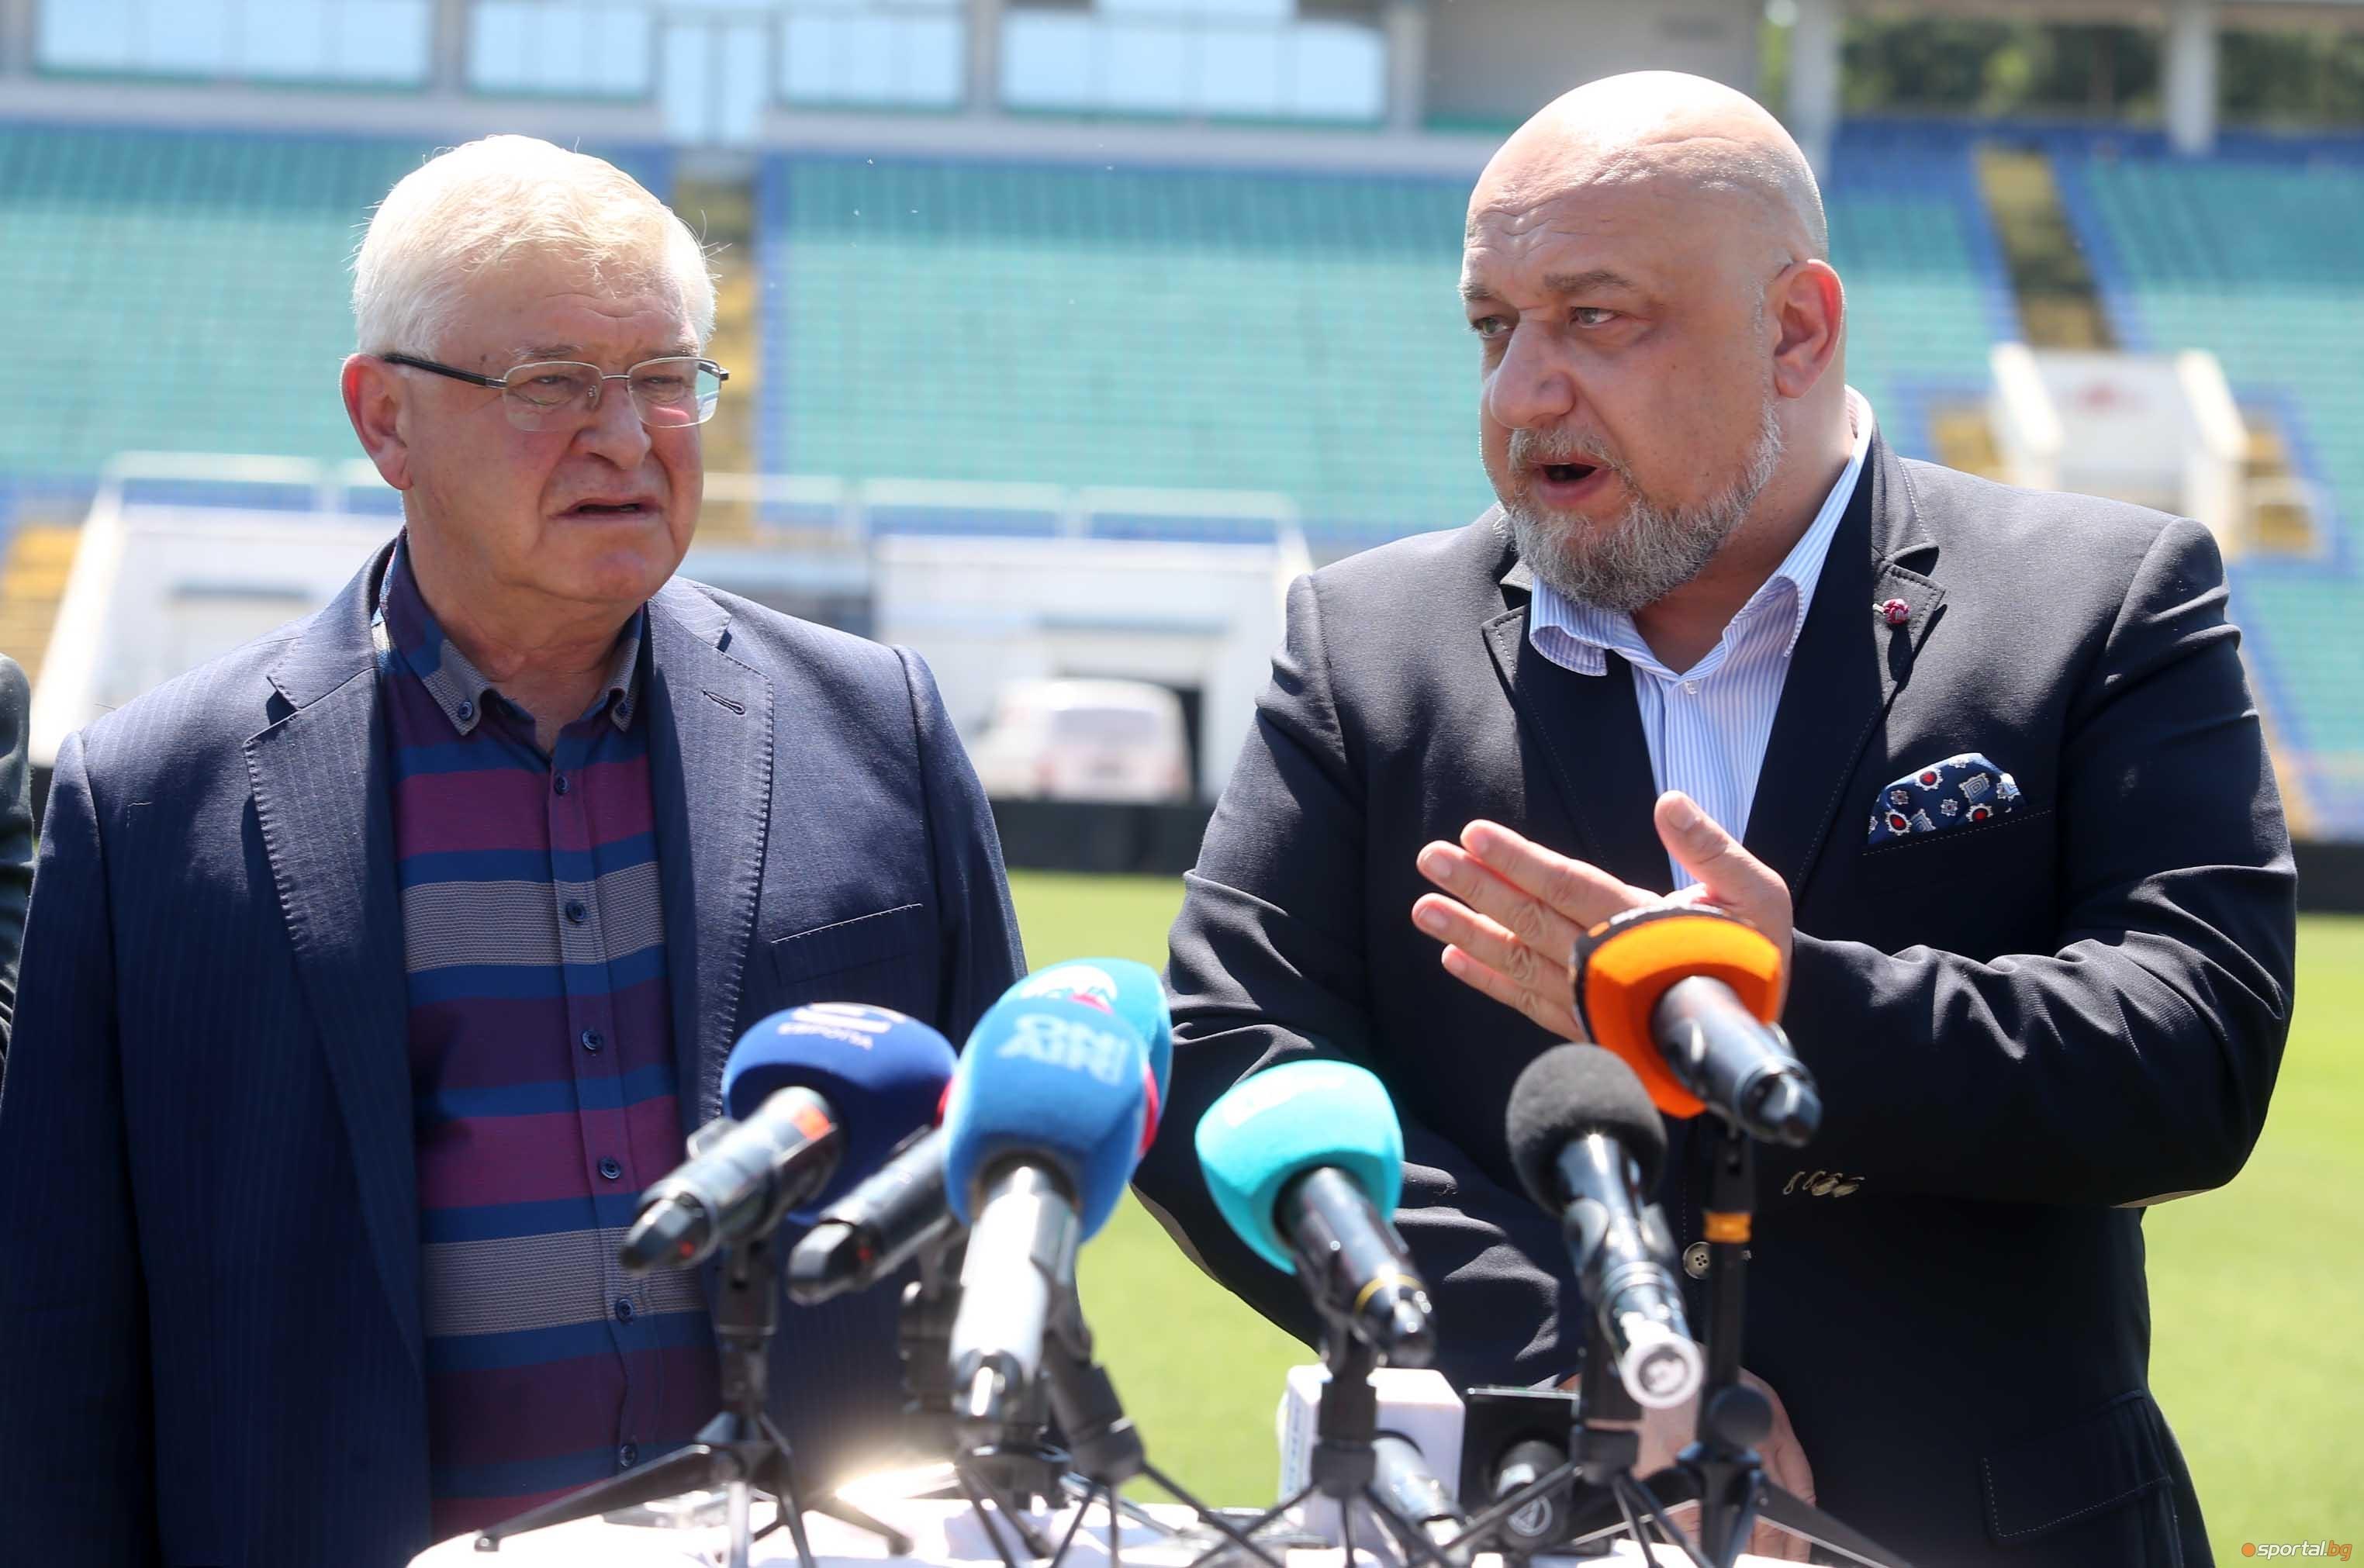 Български екип е много близо дооткриване на лекарство срещу коронавируса.